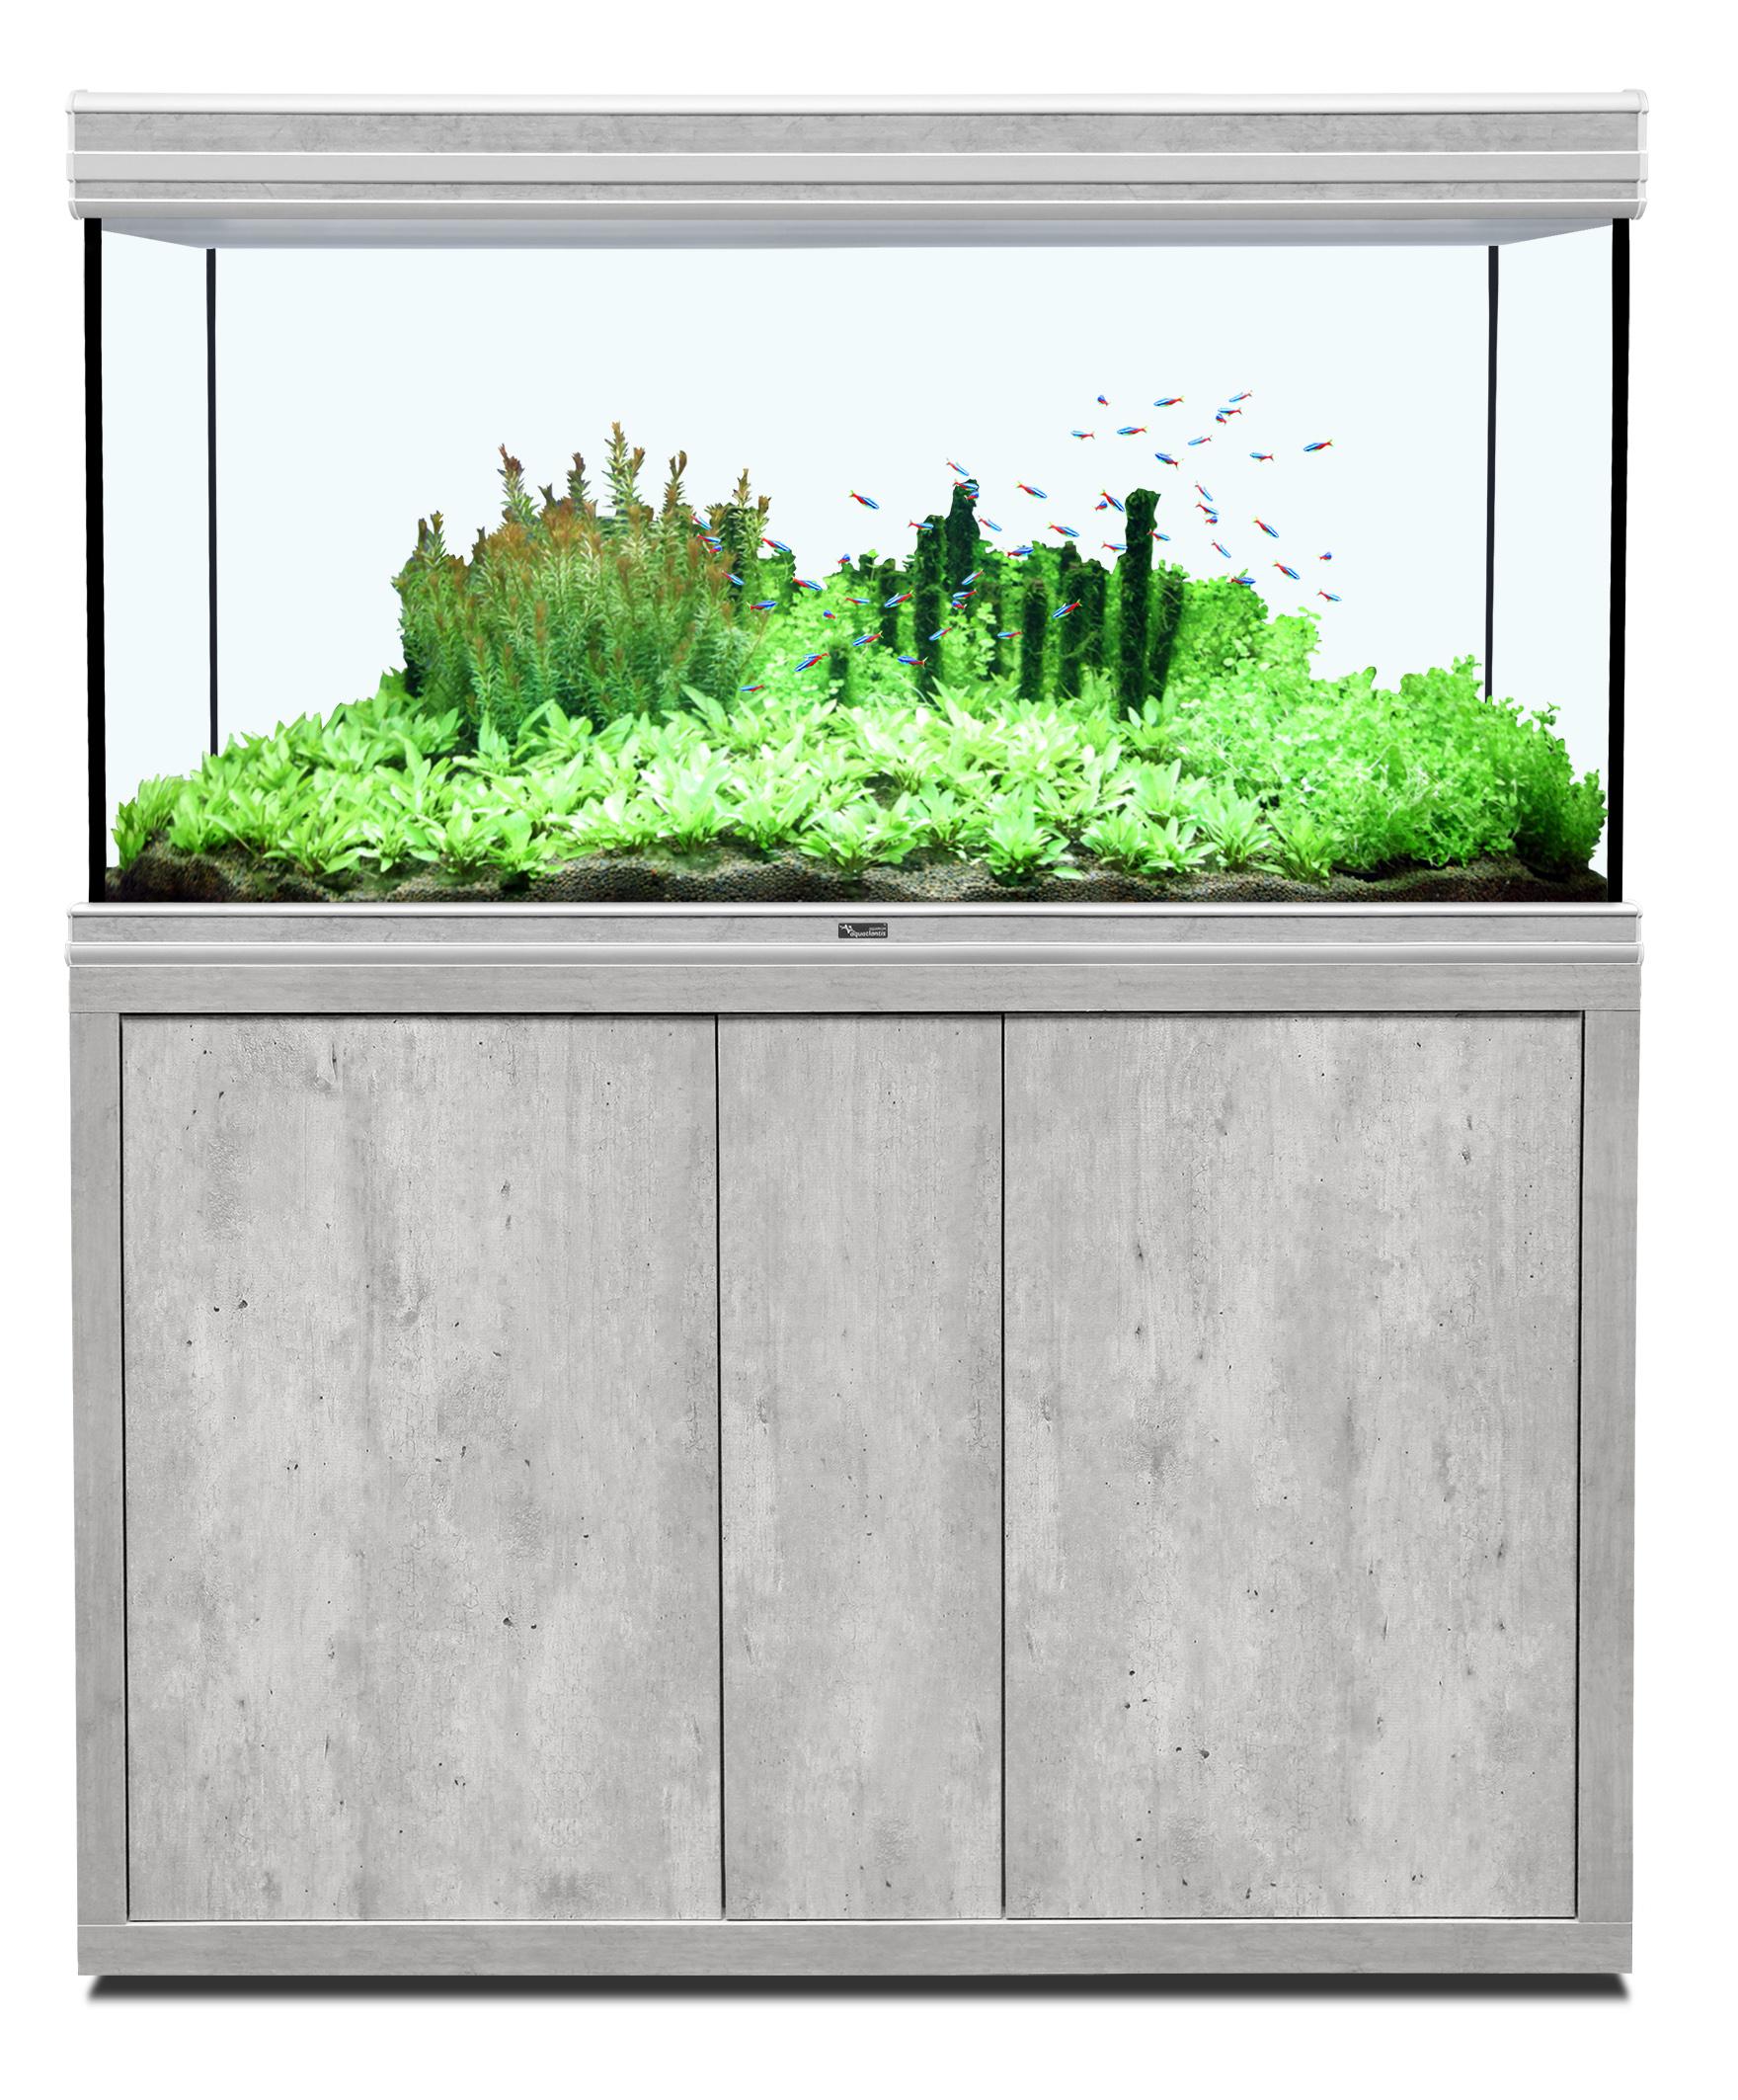 Aquatlantis FUSION 120 x 60 tout équipé Aquarium + Meuble; Couleur - Béton